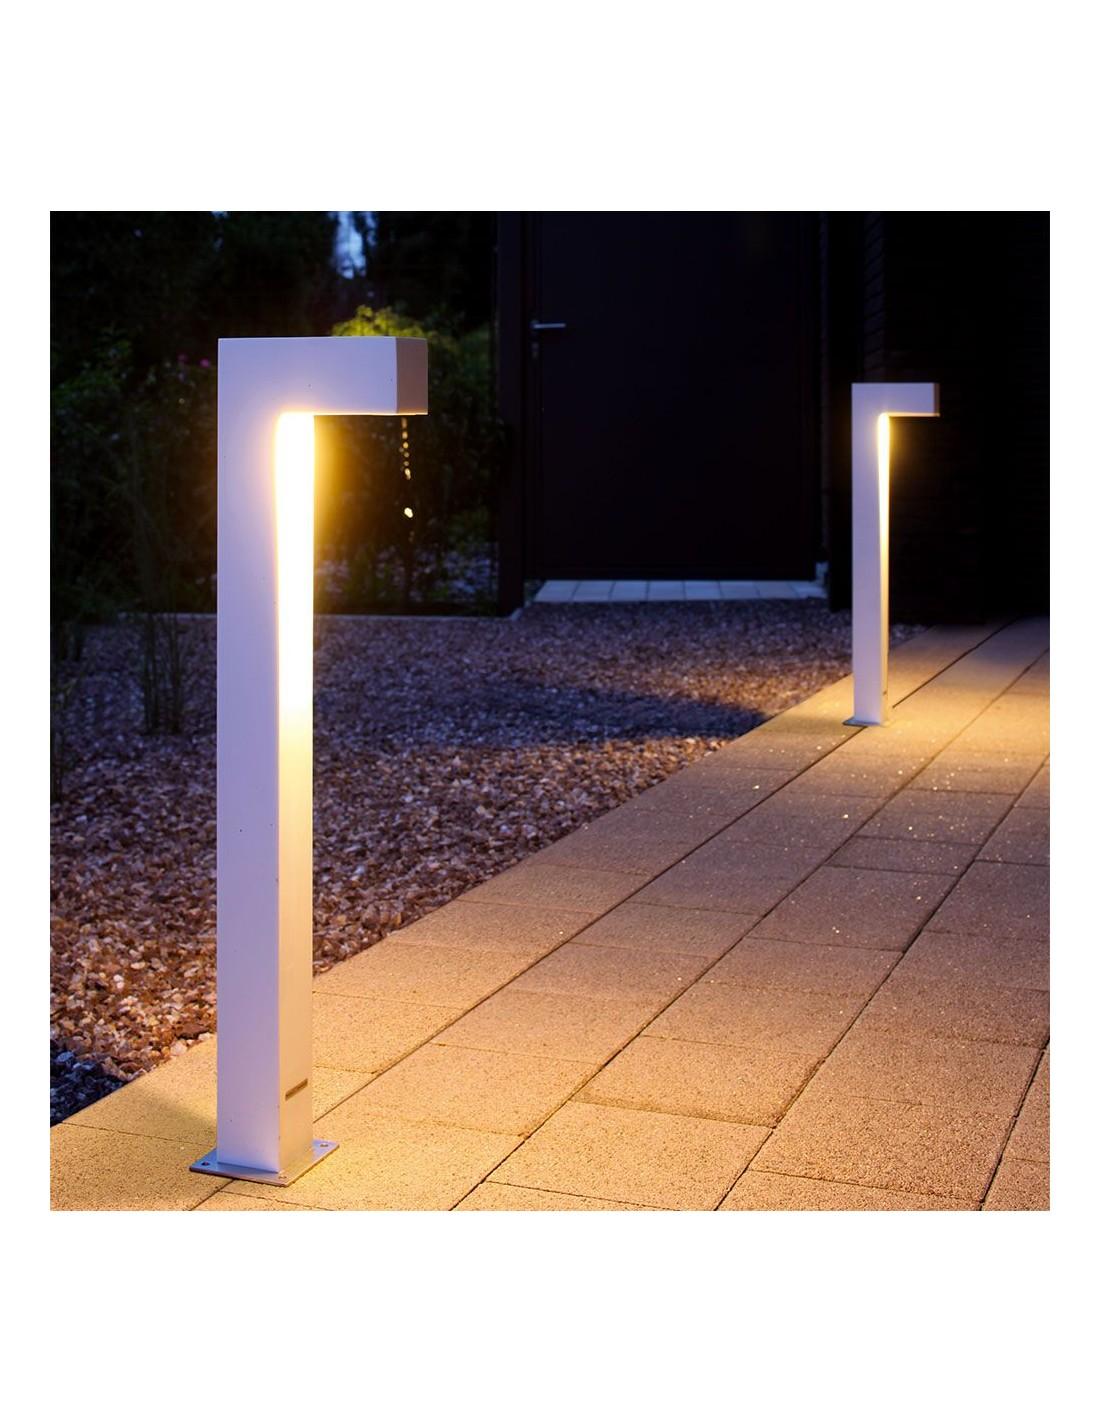 Éclairage de nuit pour jardin avec la borne TWIN version blanche de la marque Royal Botania chez Valente Design